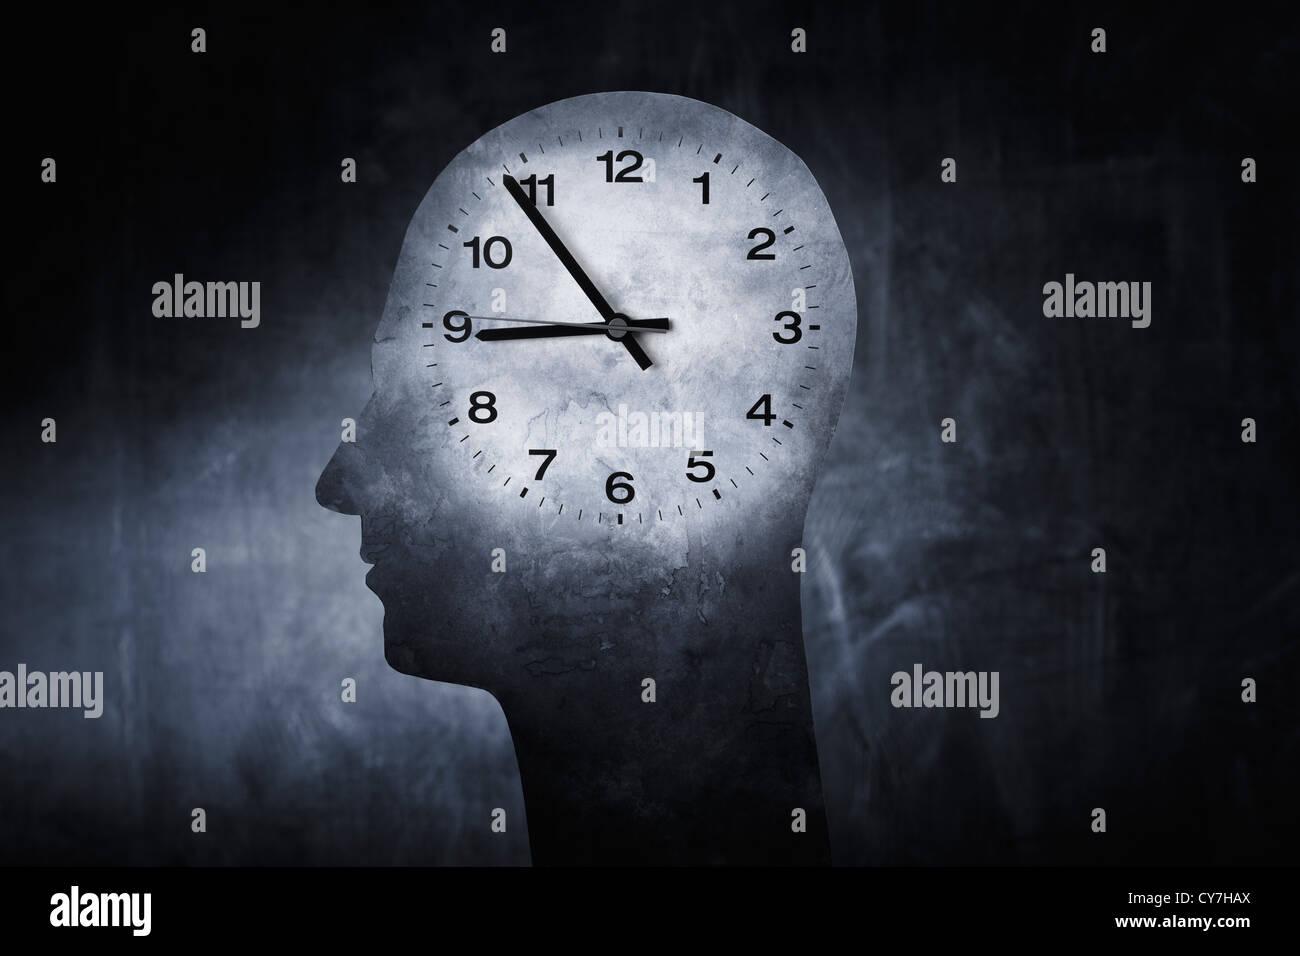 Imagen conceptual de un reloj superpuesto en una cabeza de un ser humano. Imagen De Stock